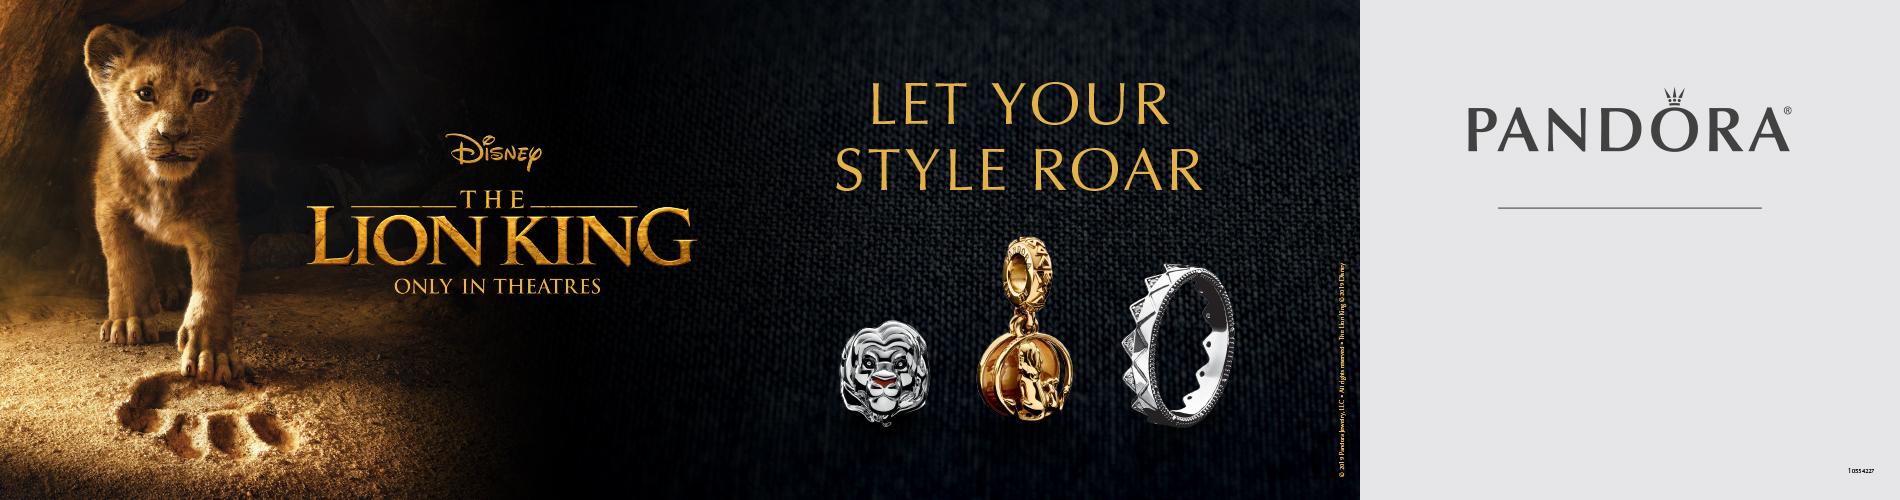 Let your Style Roar - Pandora